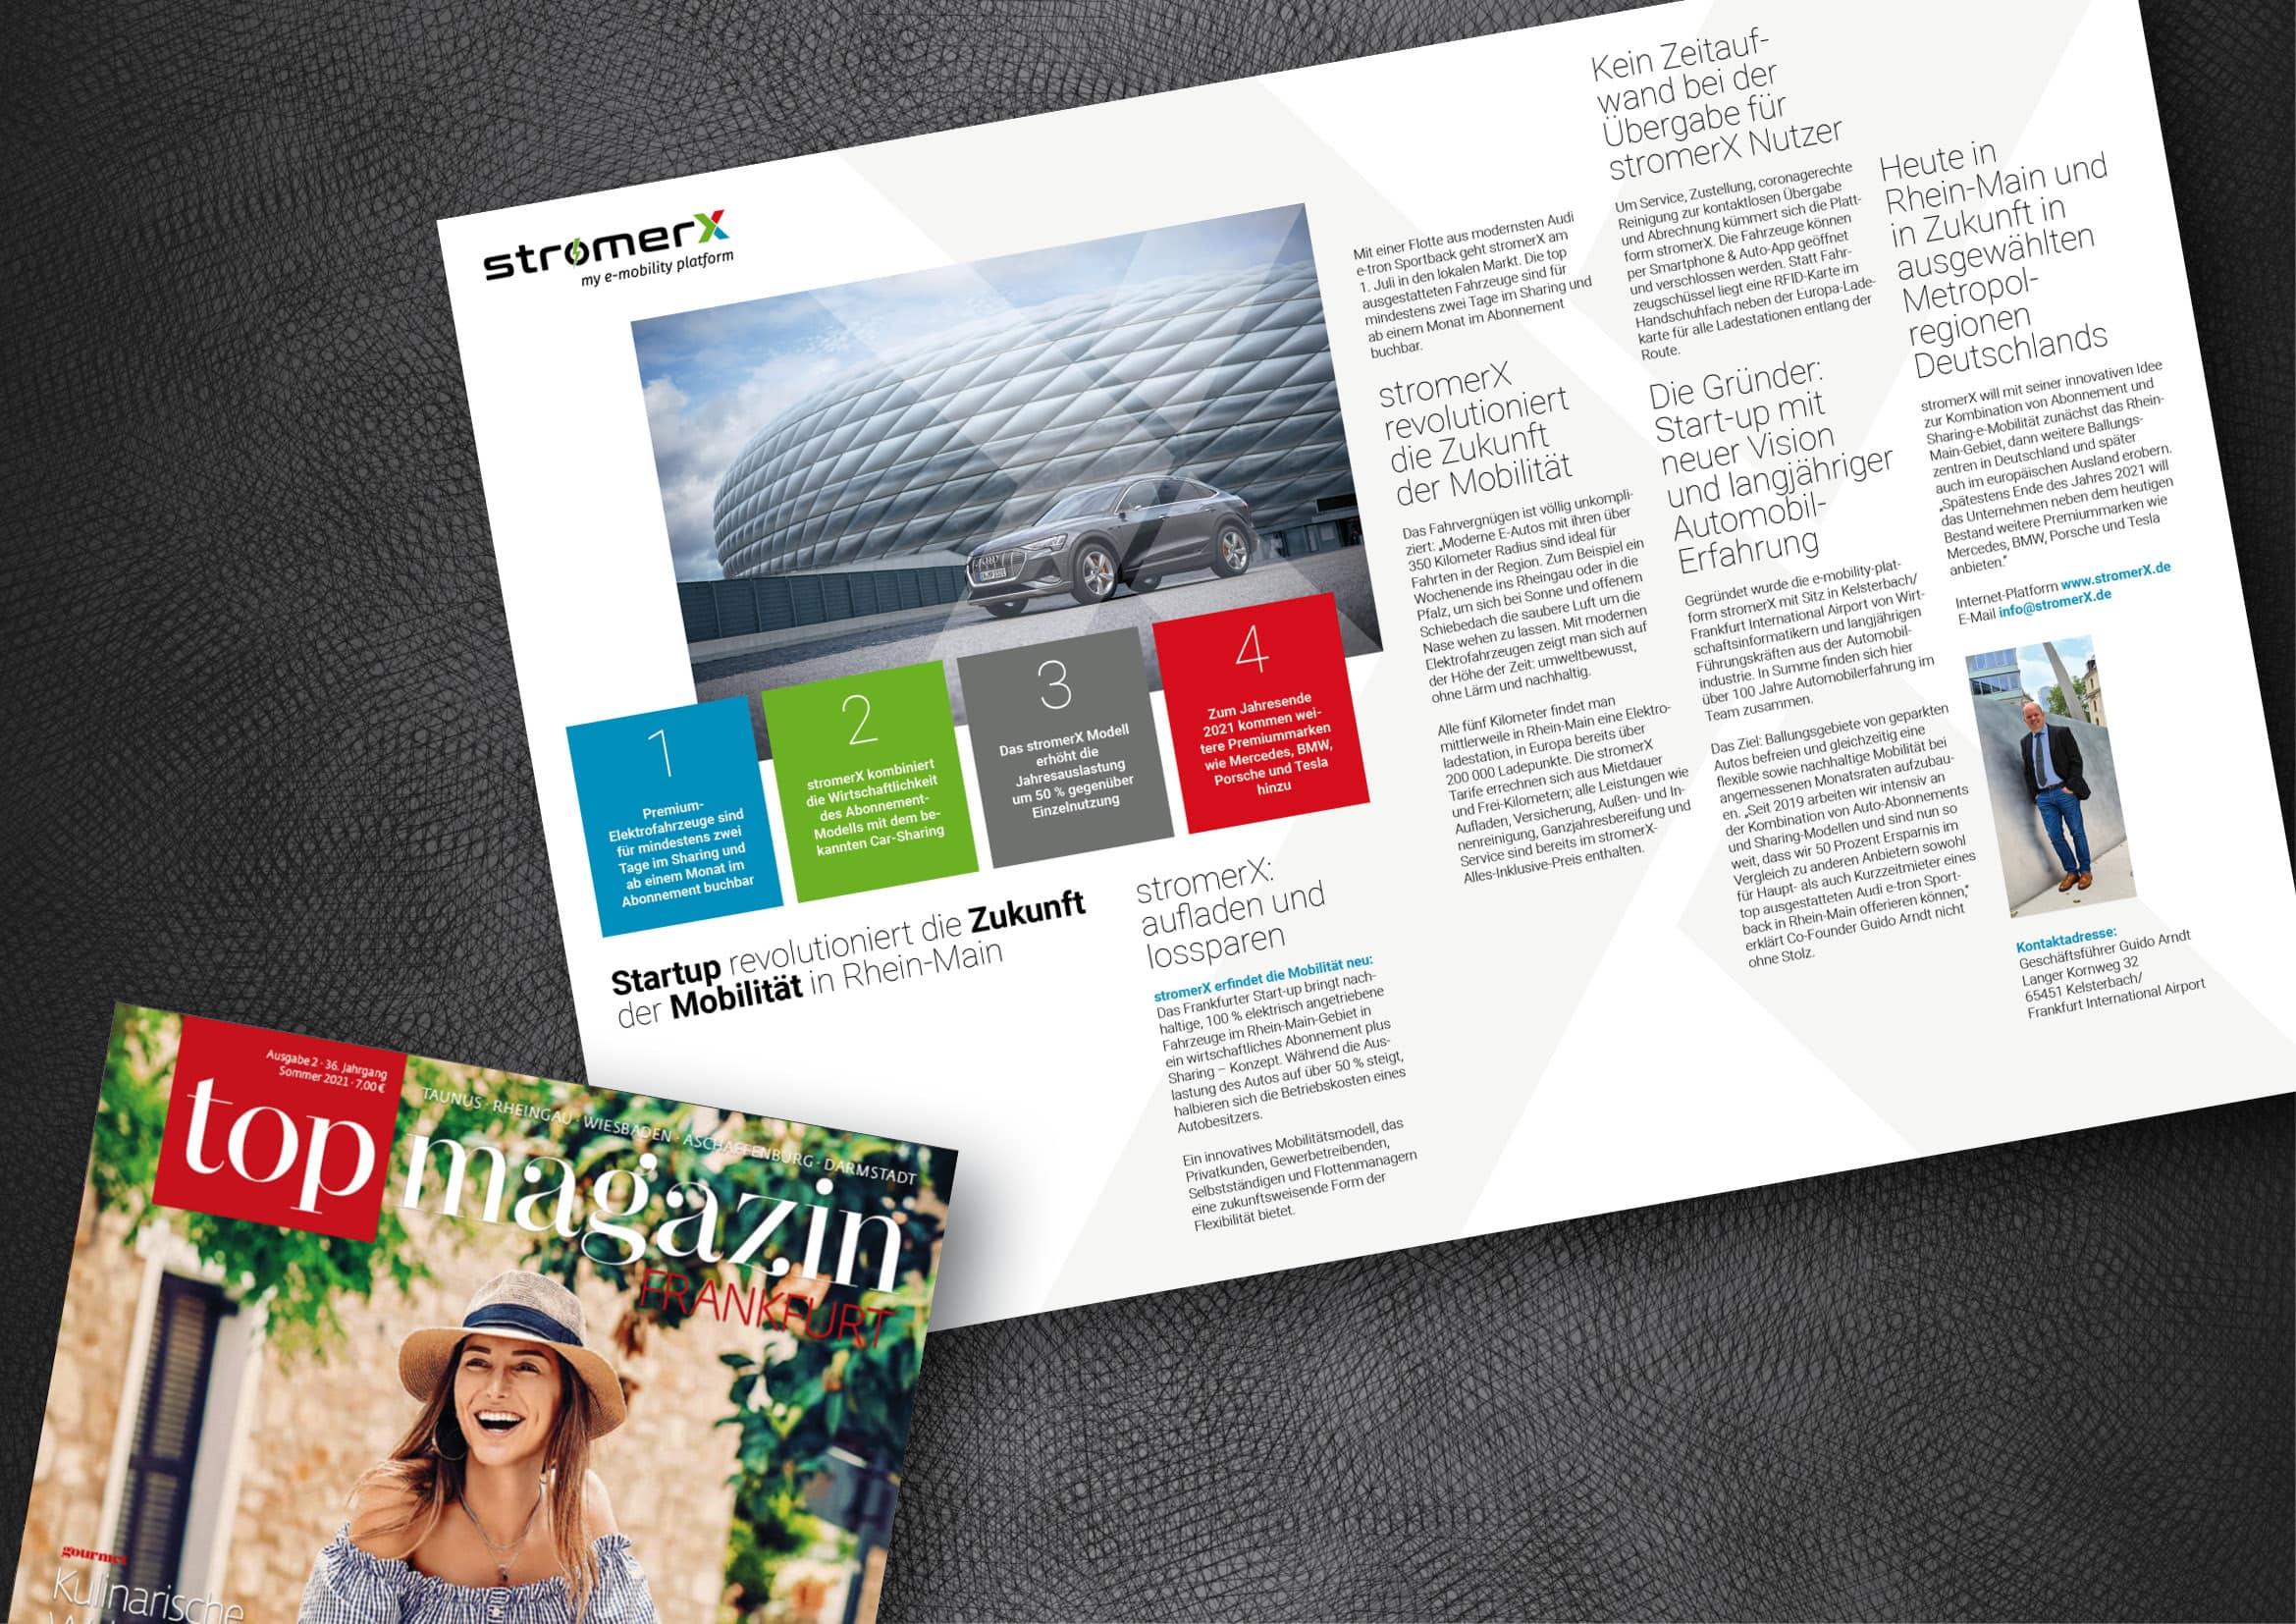 Anzeigenmotiv für Start-up innovativer E-Mobilität im Top Magazin Frankfurt